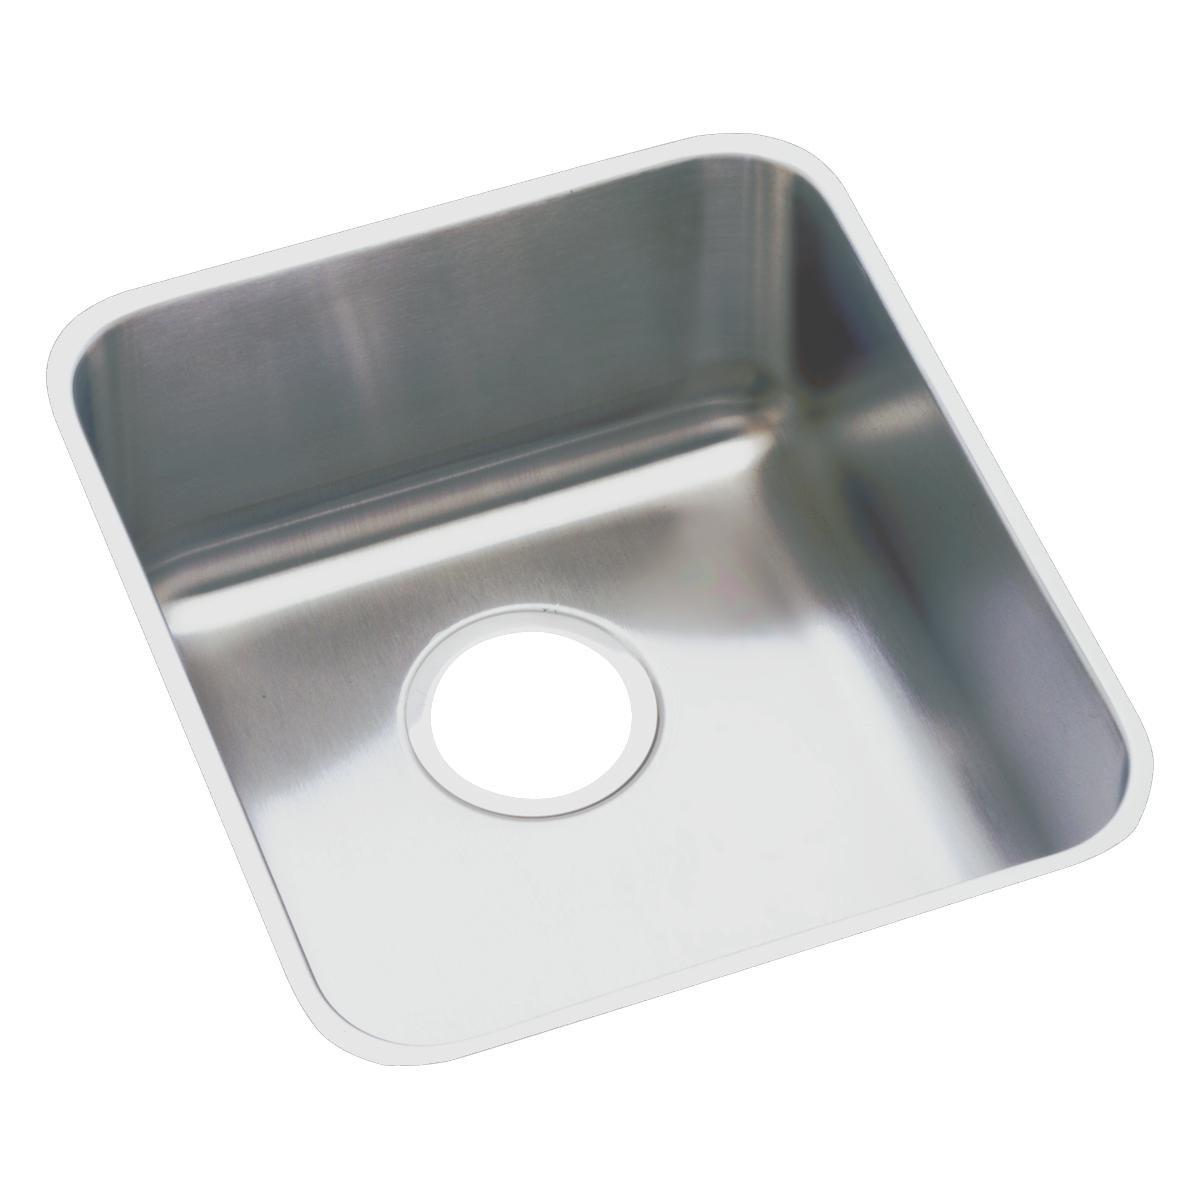 Elkay ELUH1316 Gourmet Lustertone Undermount Sink, Stainless Steel